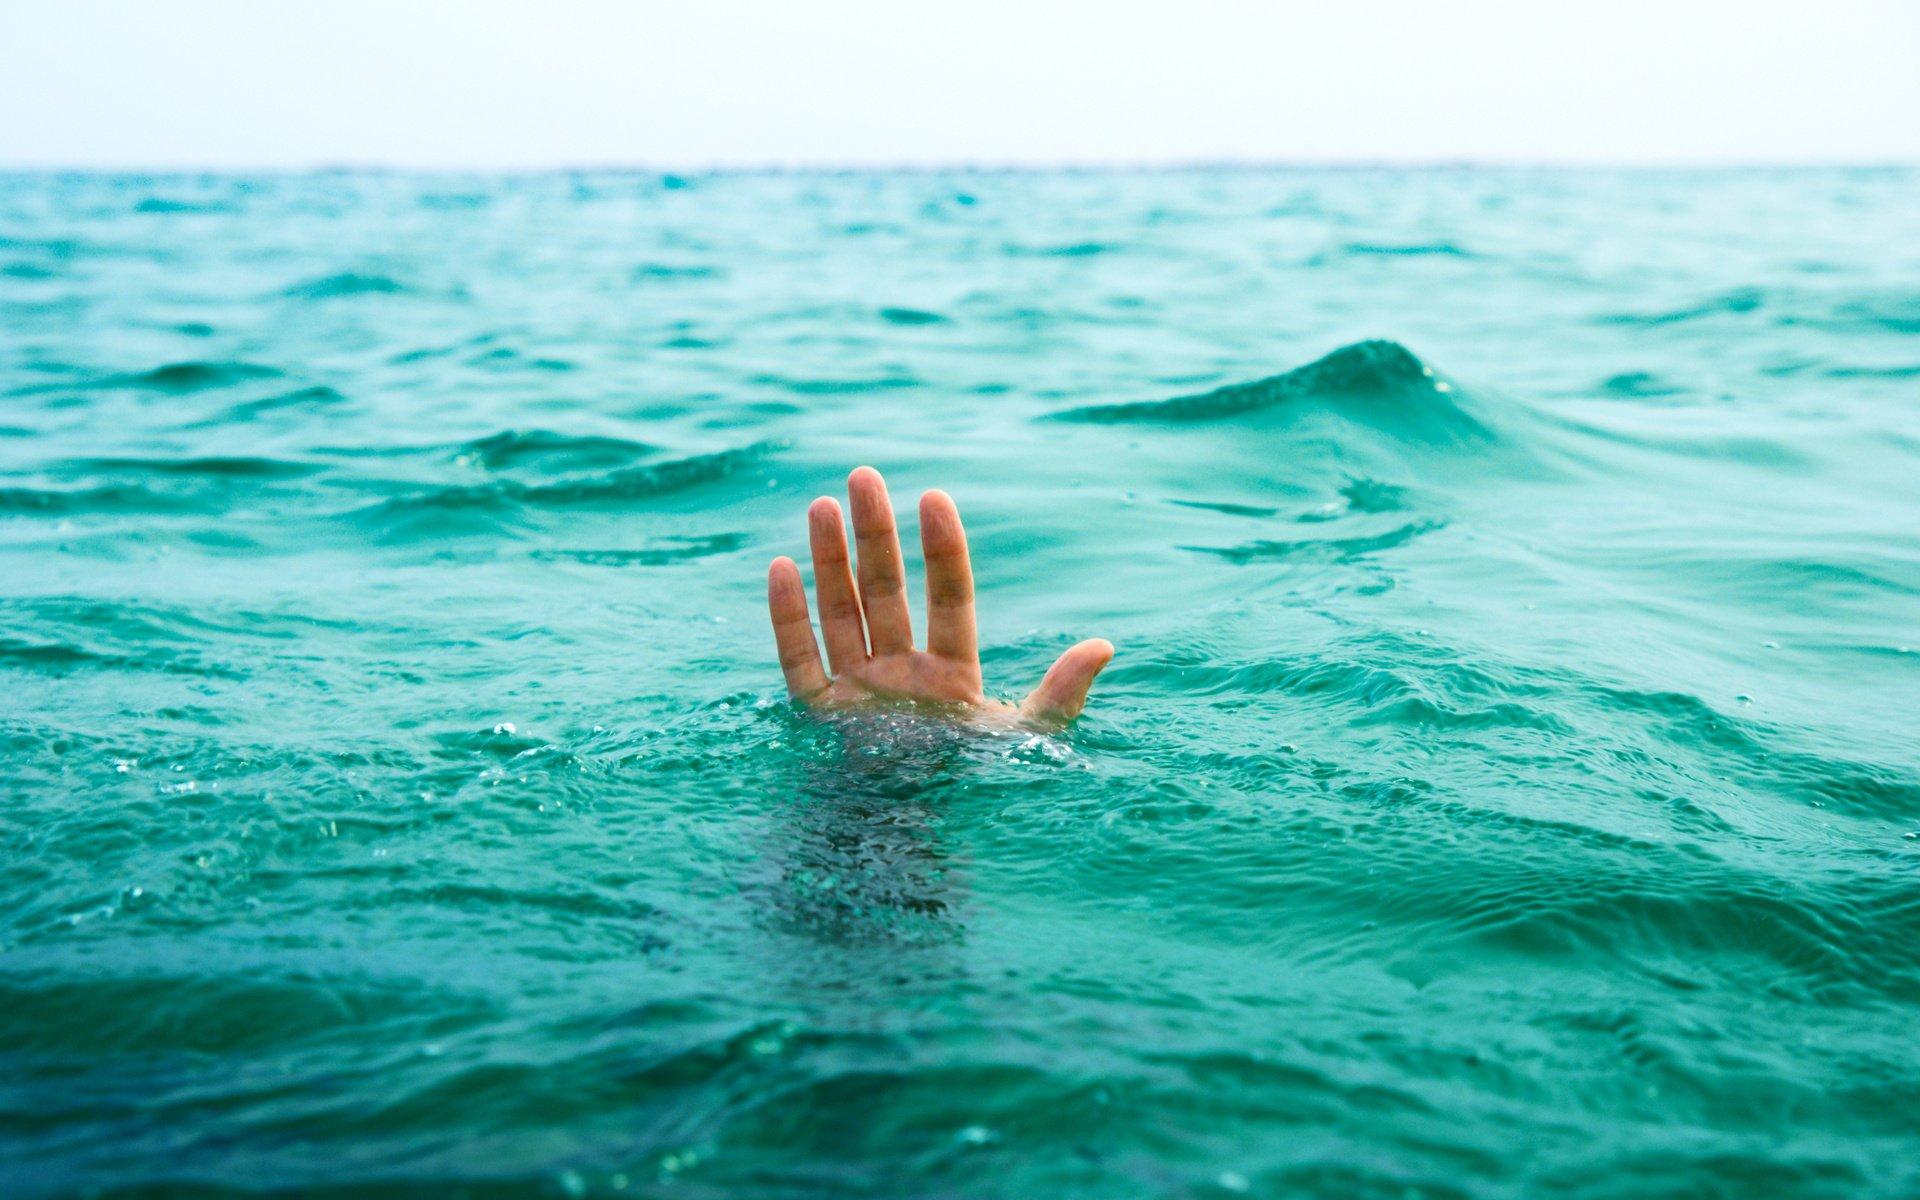 Впарке Победы потонул молодой парень властах